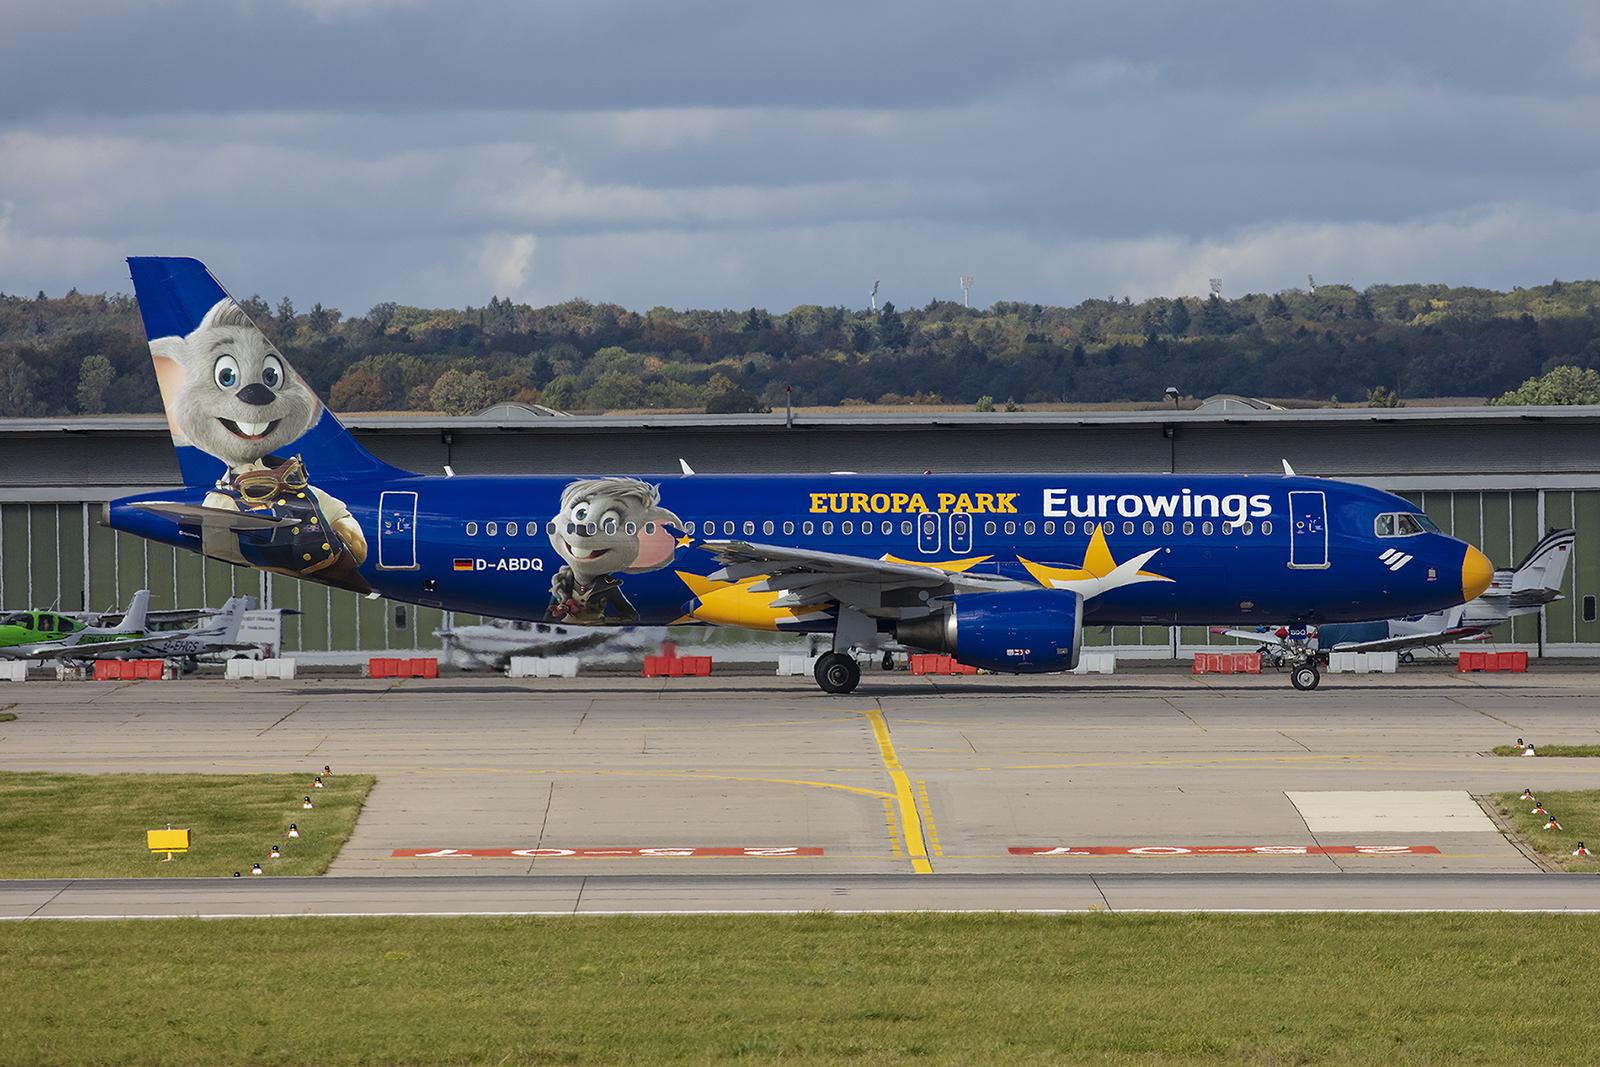 Die D-ABDQ fliegt Werbung für den Europapark in Rust.